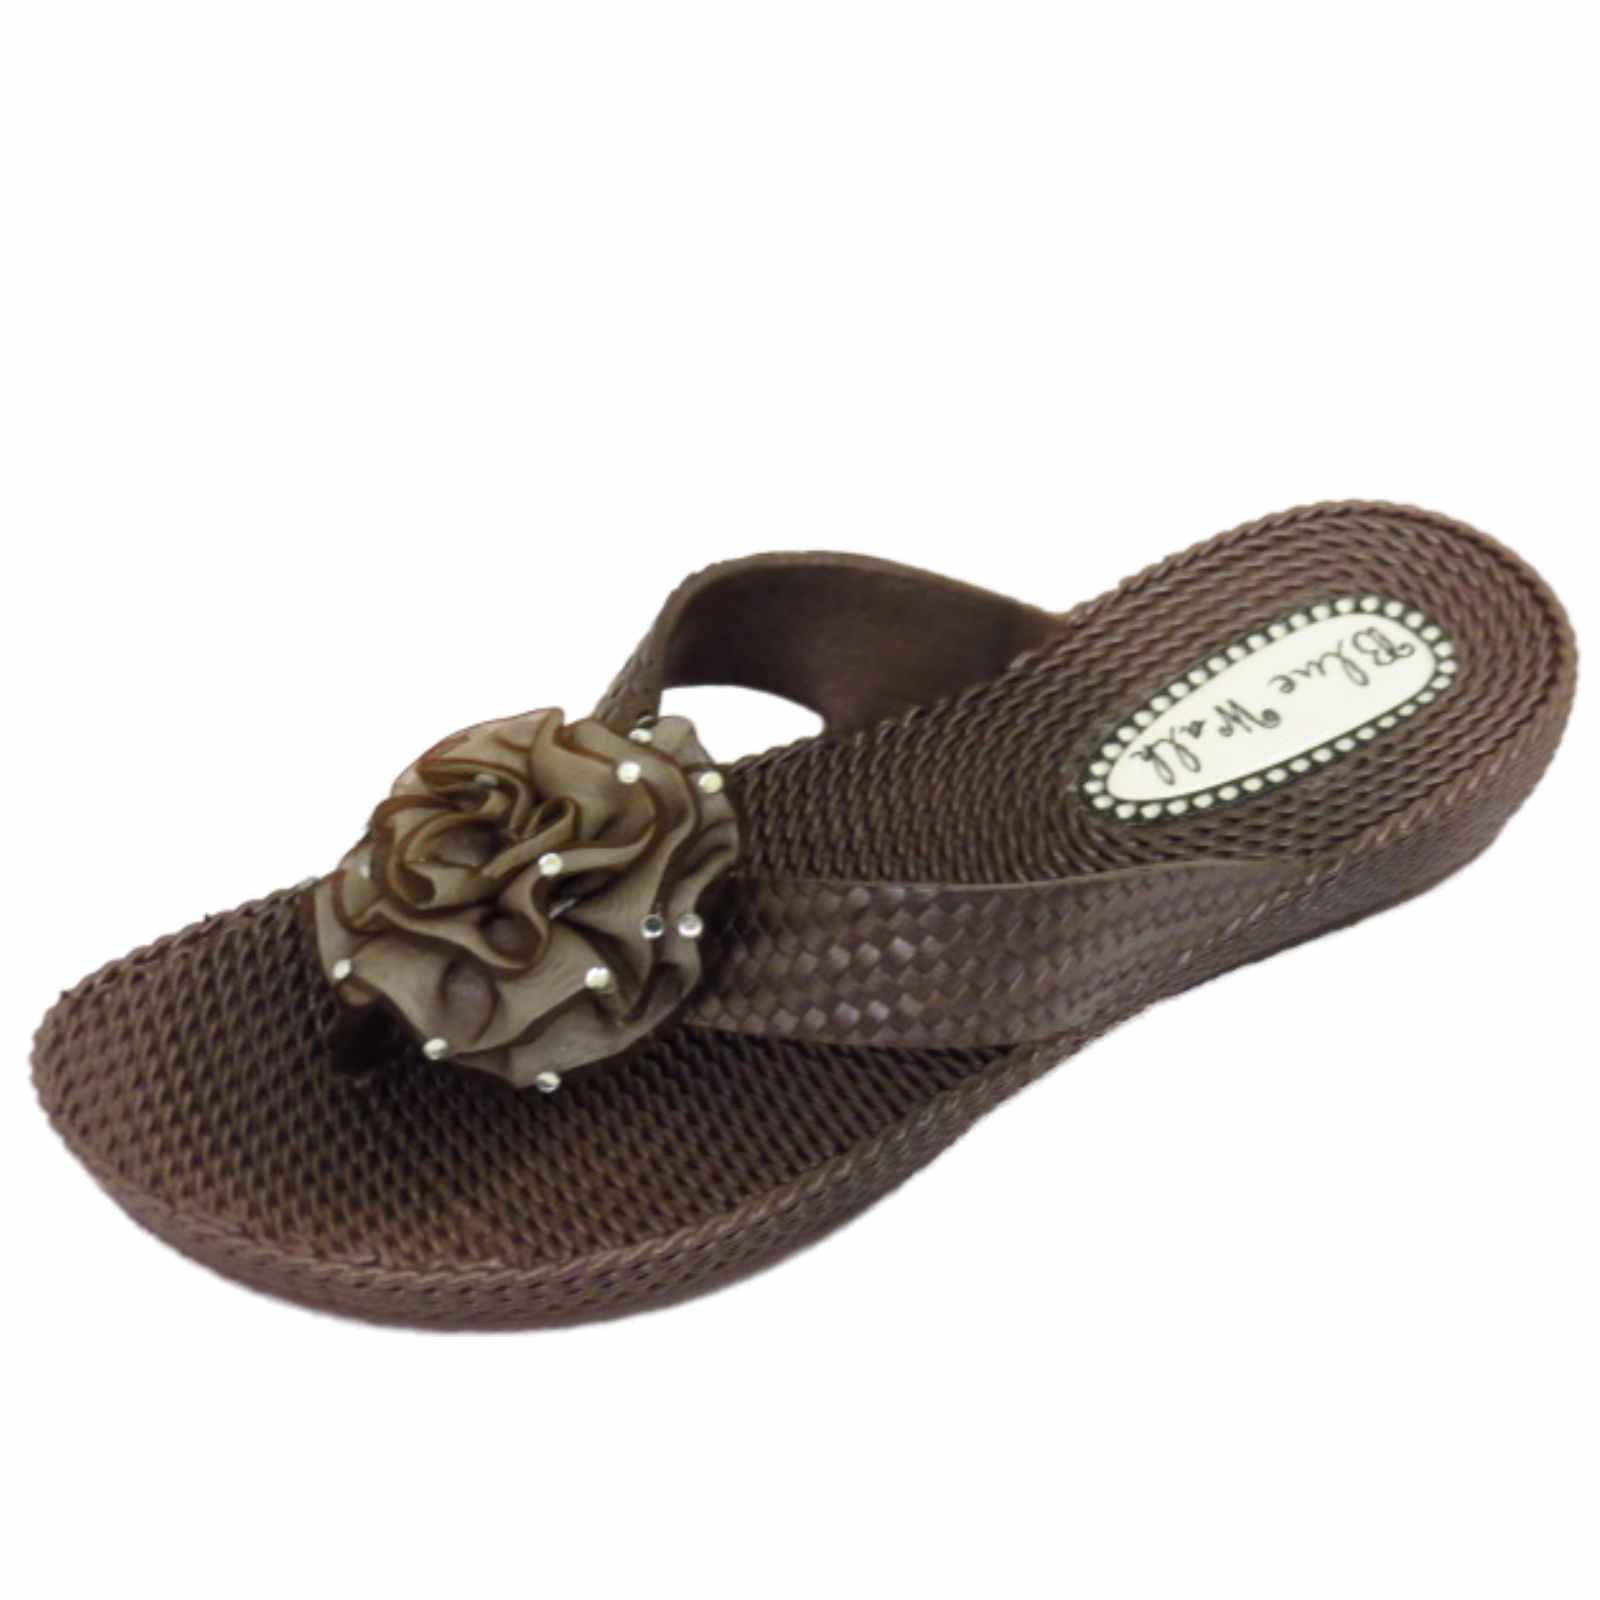 Femme plat marron orteil-post string sandales flip-flop beach fleur chaussures montantes 3-8